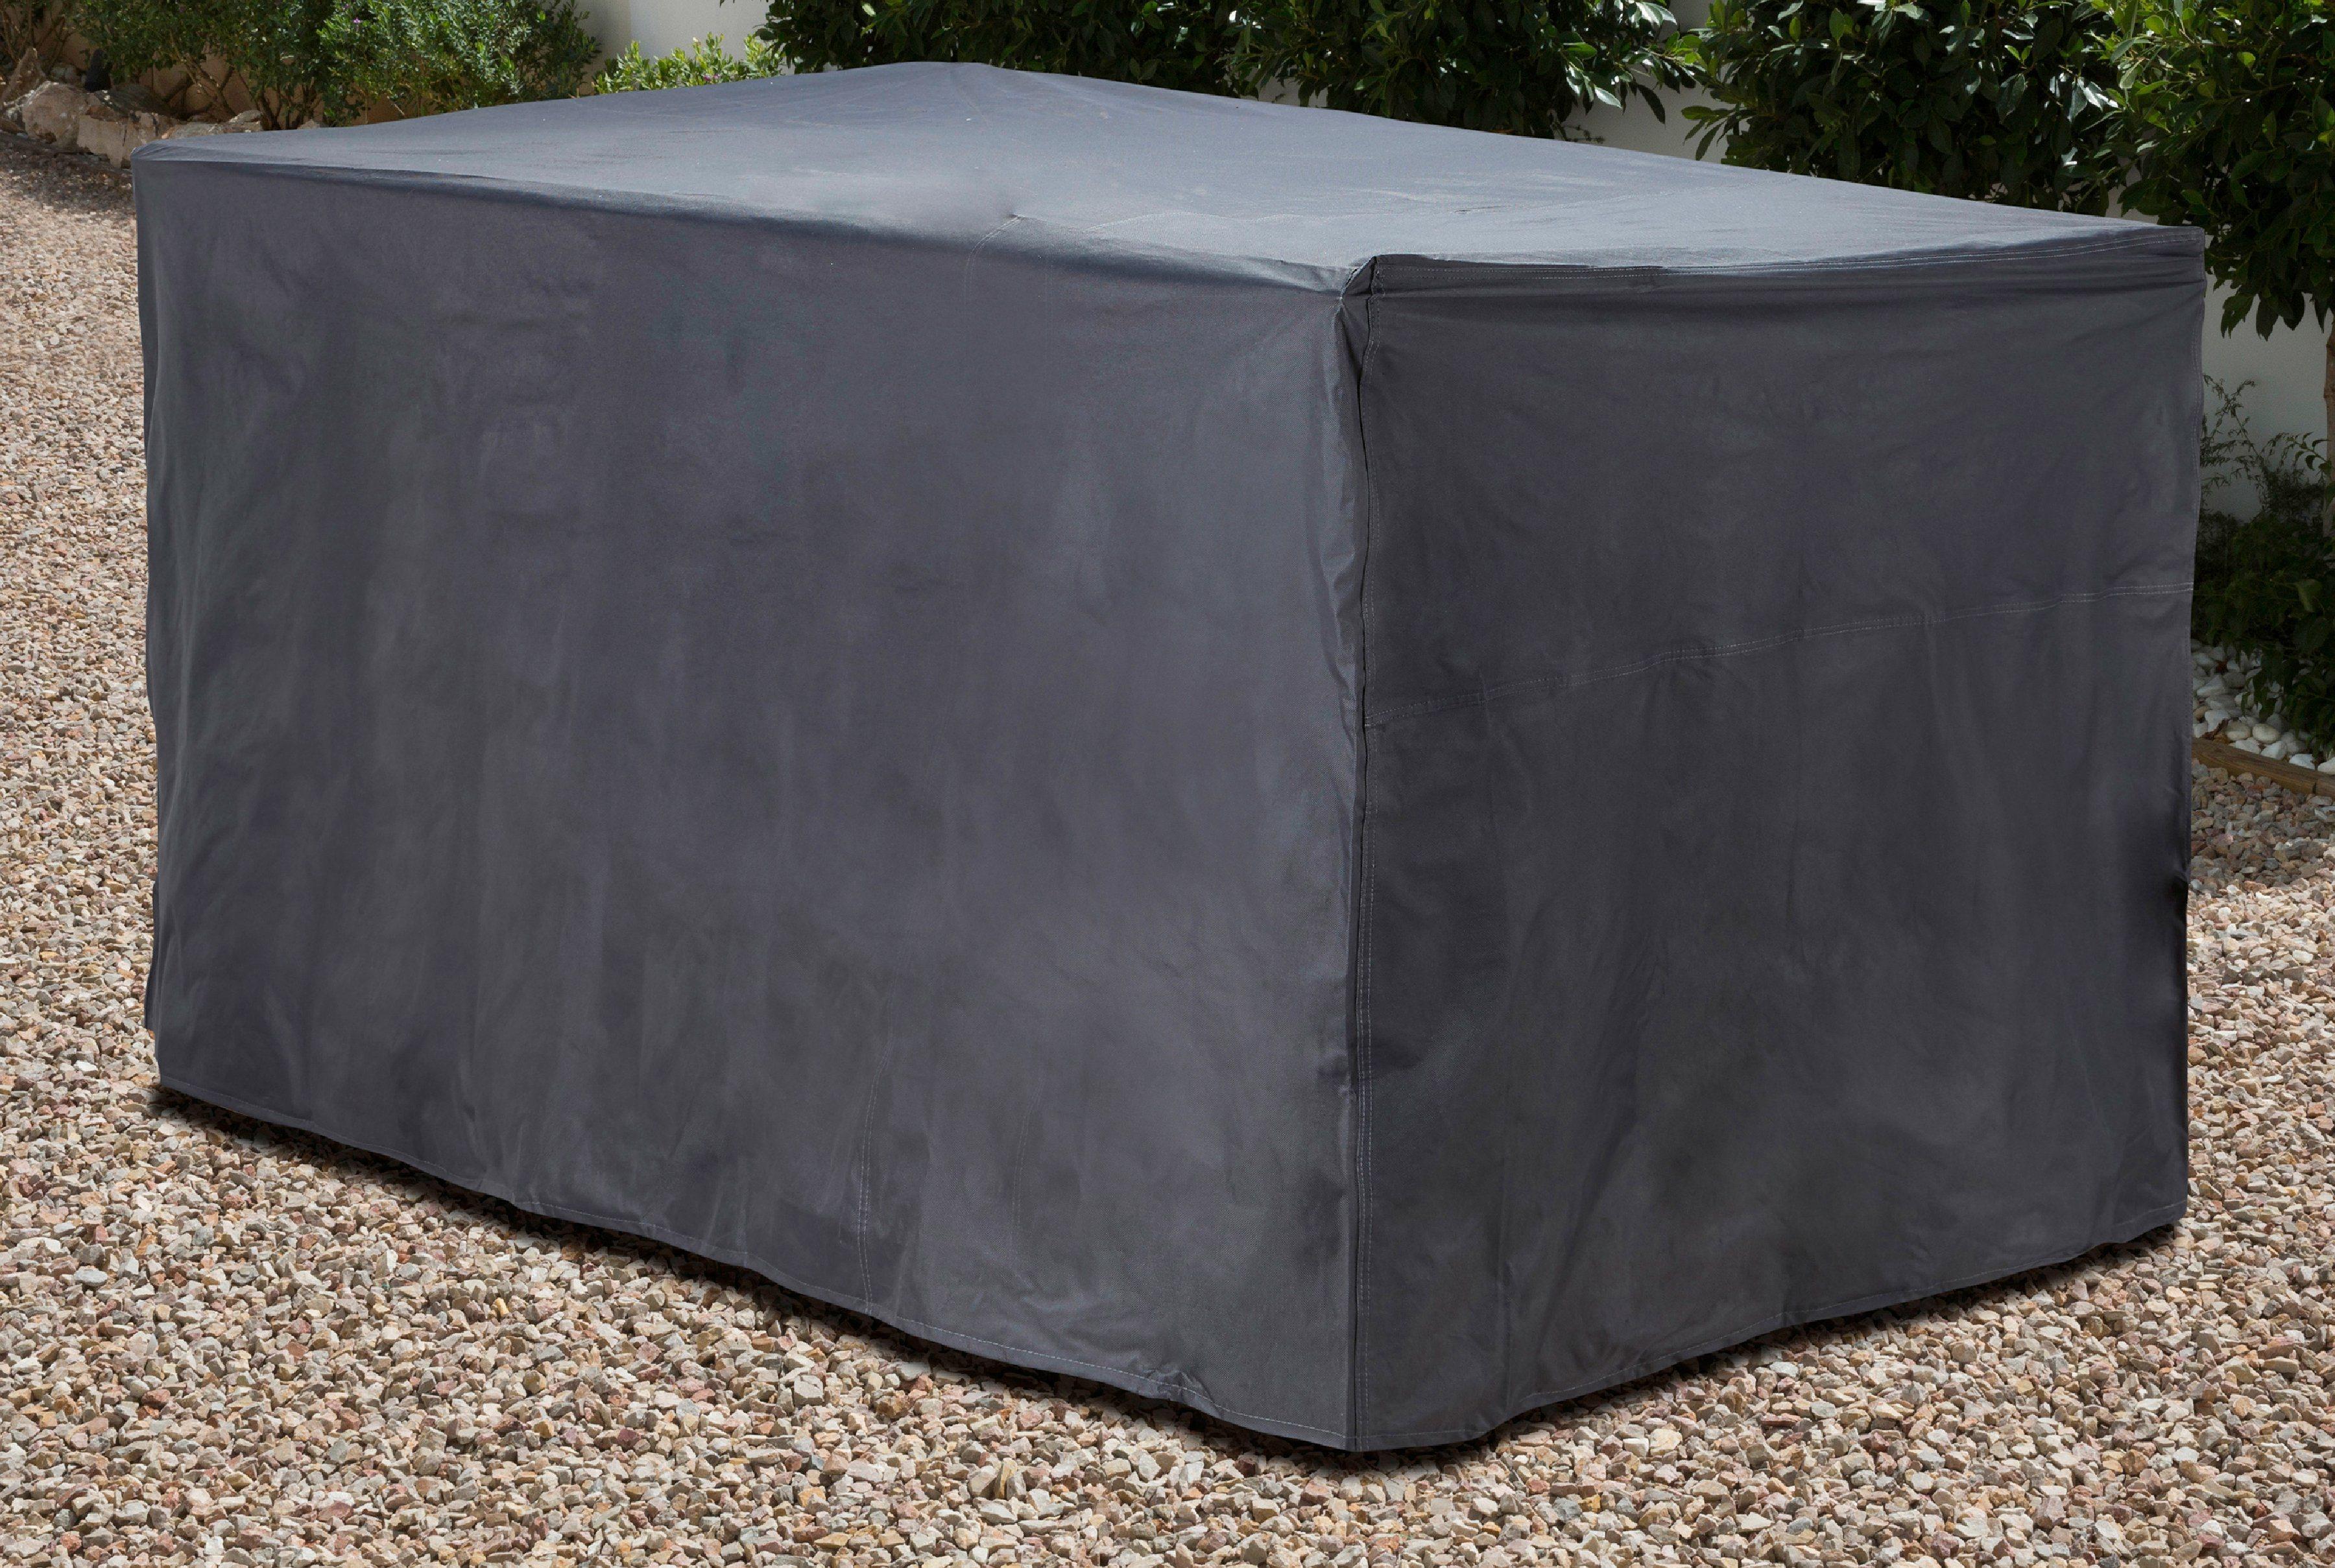 schutzh llen online kaufen m bel suchmaschine. Black Bedroom Furniture Sets. Home Design Ideas